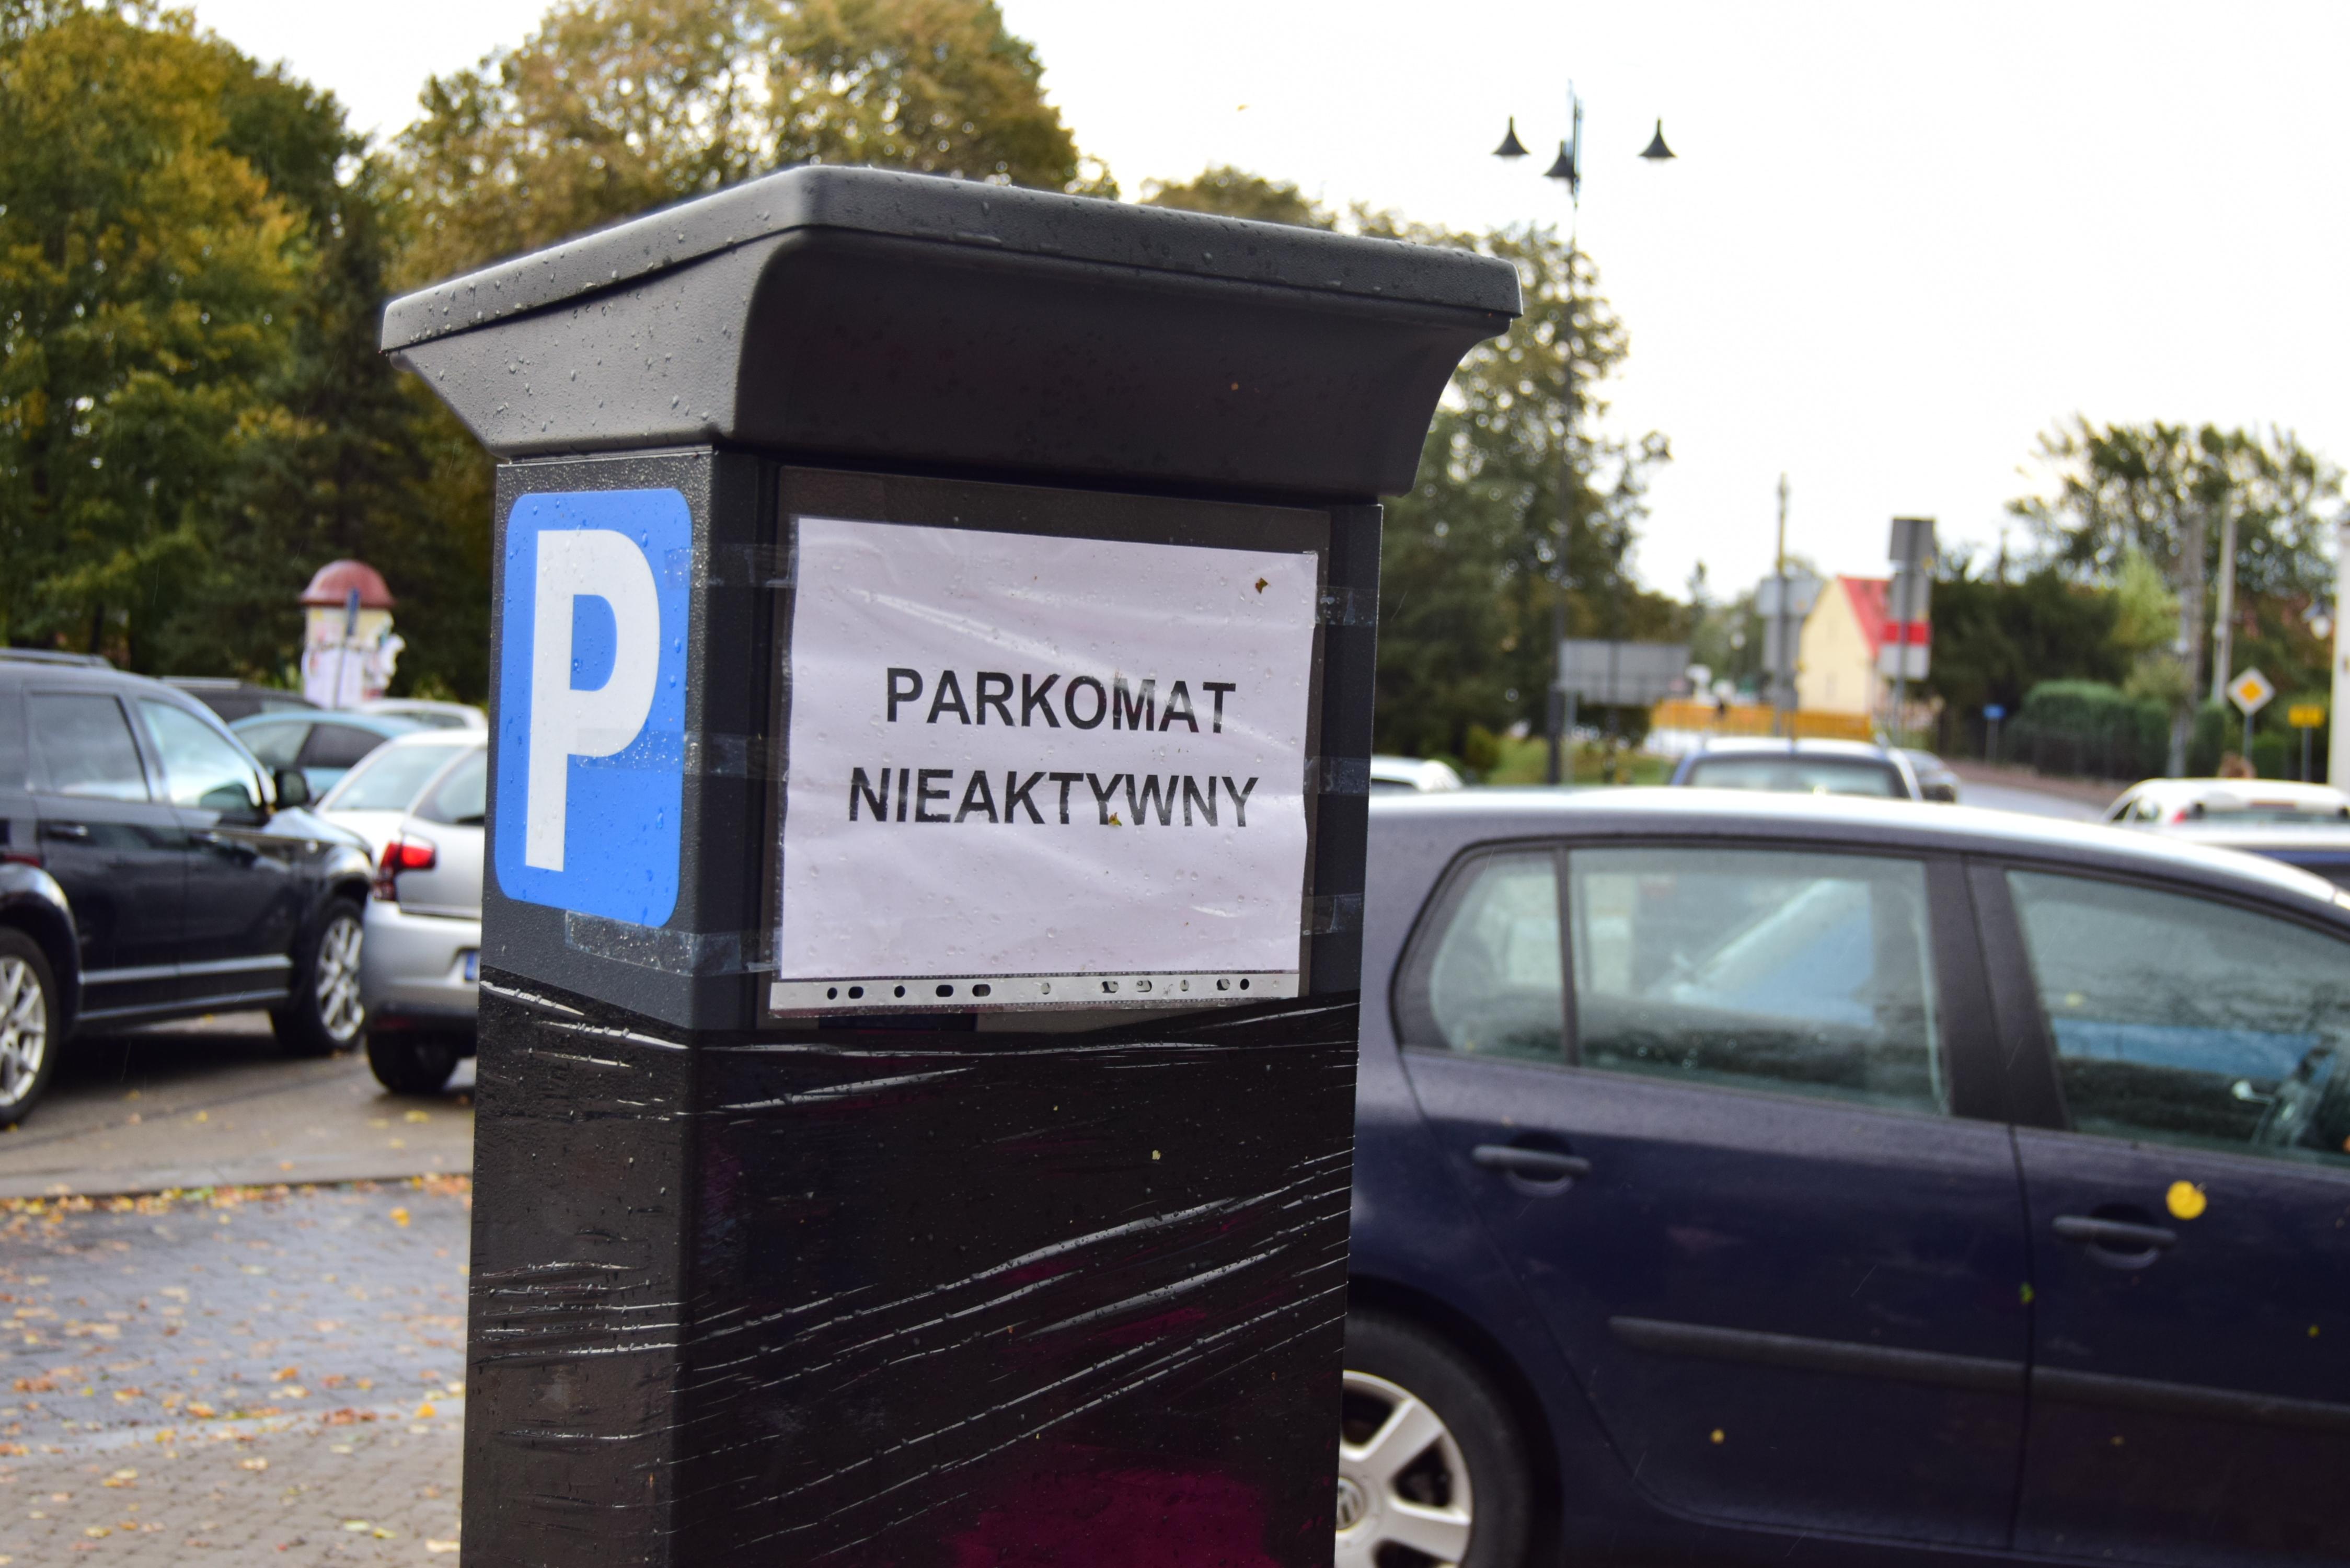 Parkomaty już na kolbuszowskim rynku  - Zdjęcie główne